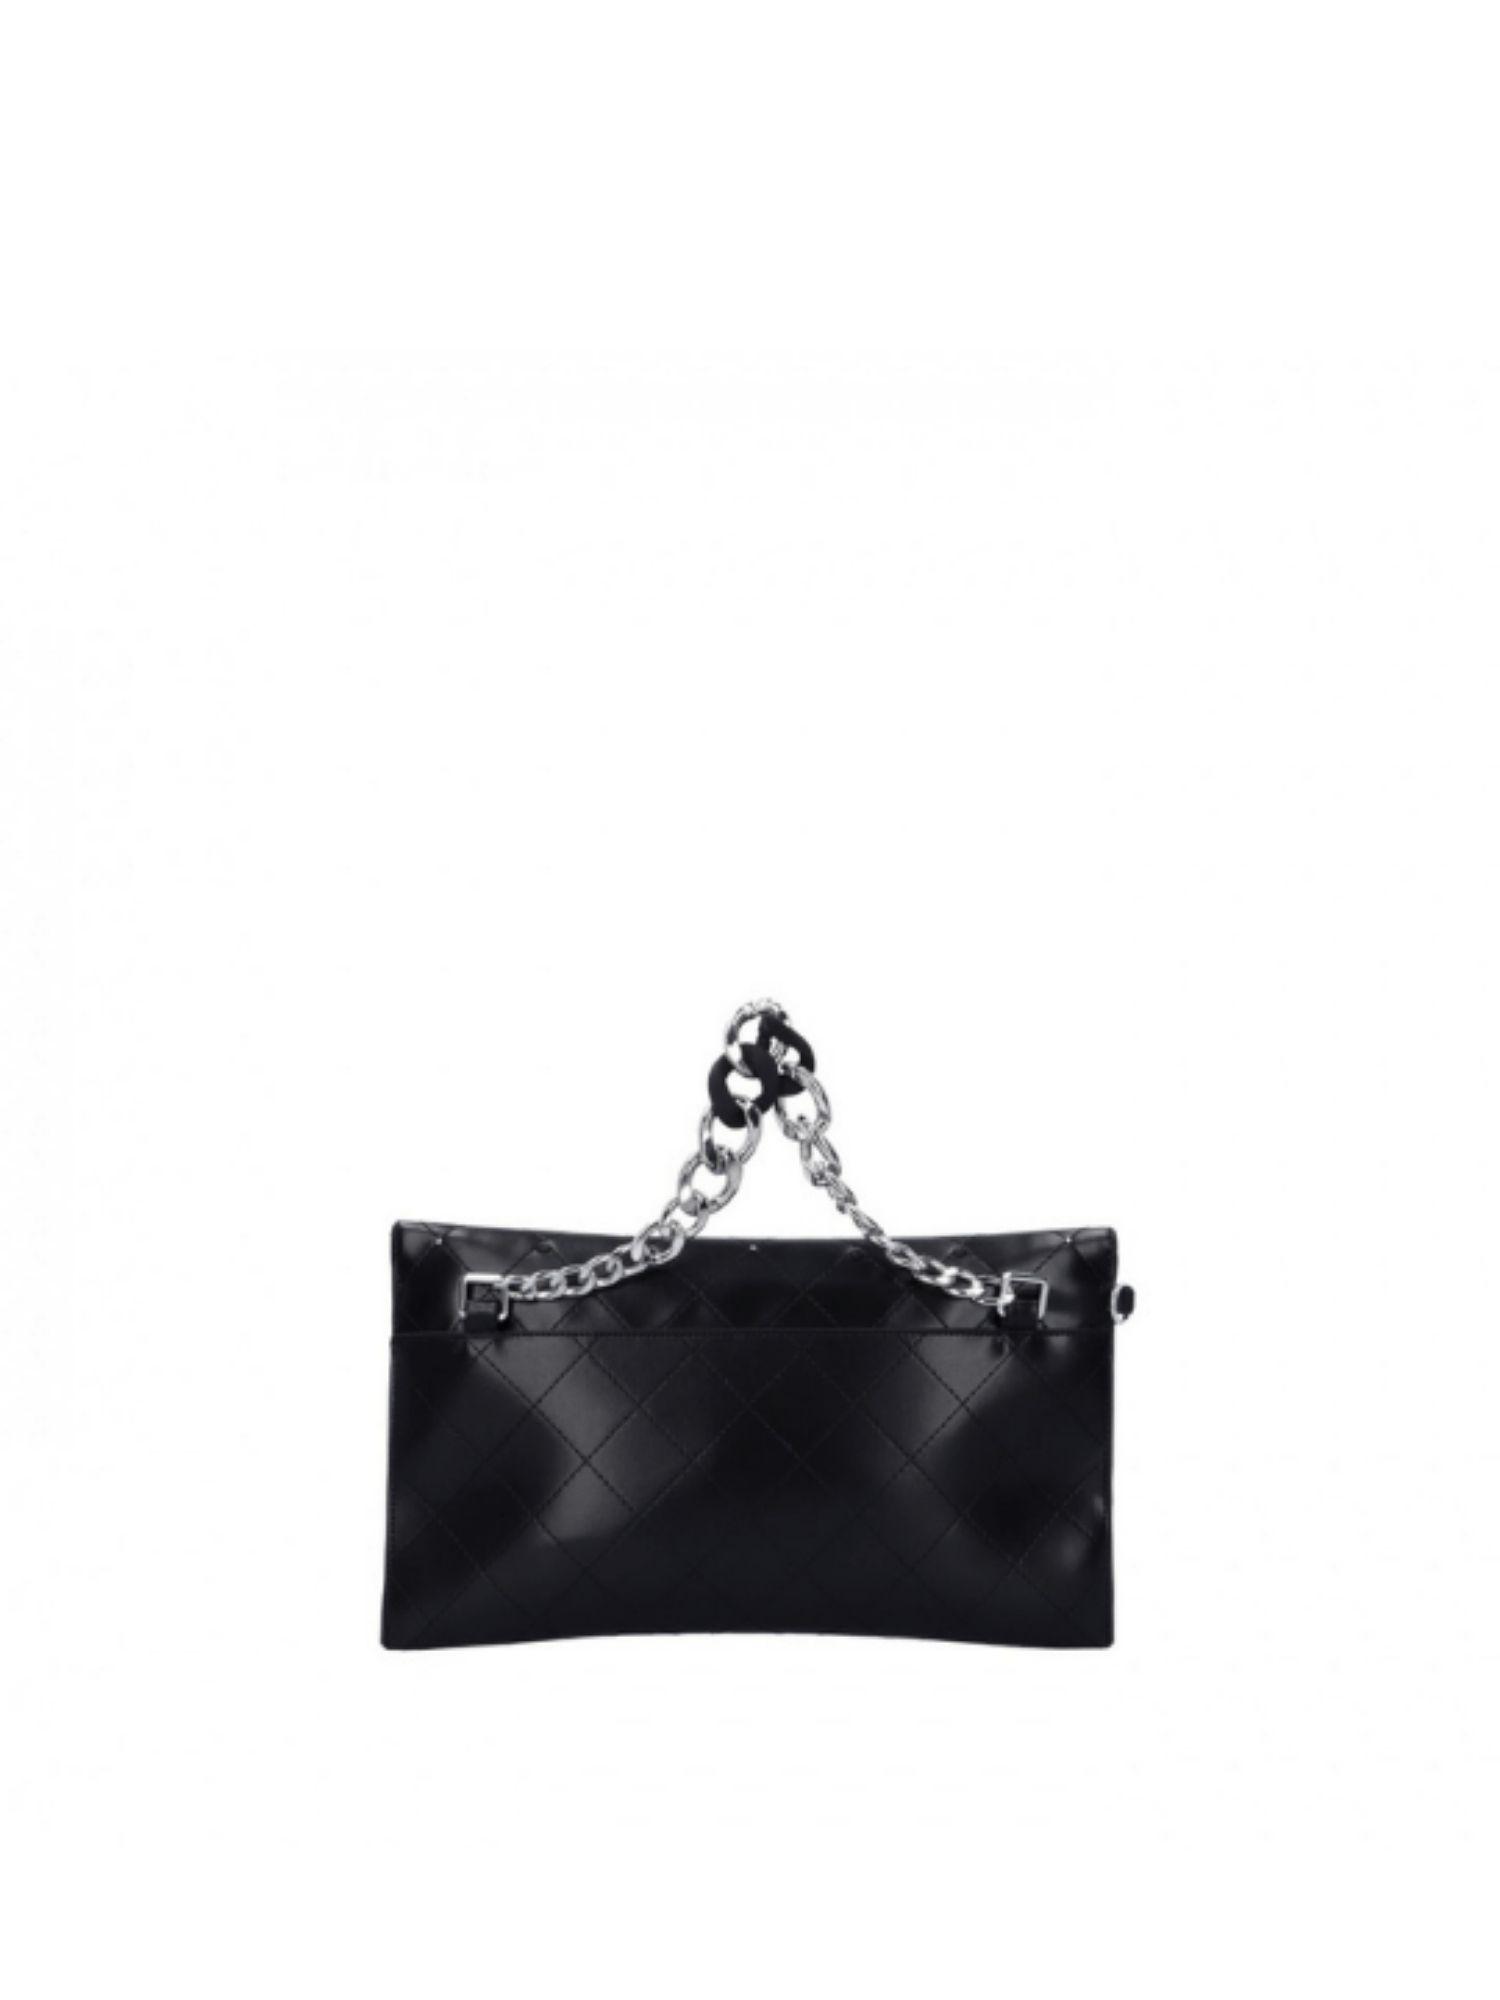 Borsa Atelier Du Sac Pash Bag 10957 Nero 1